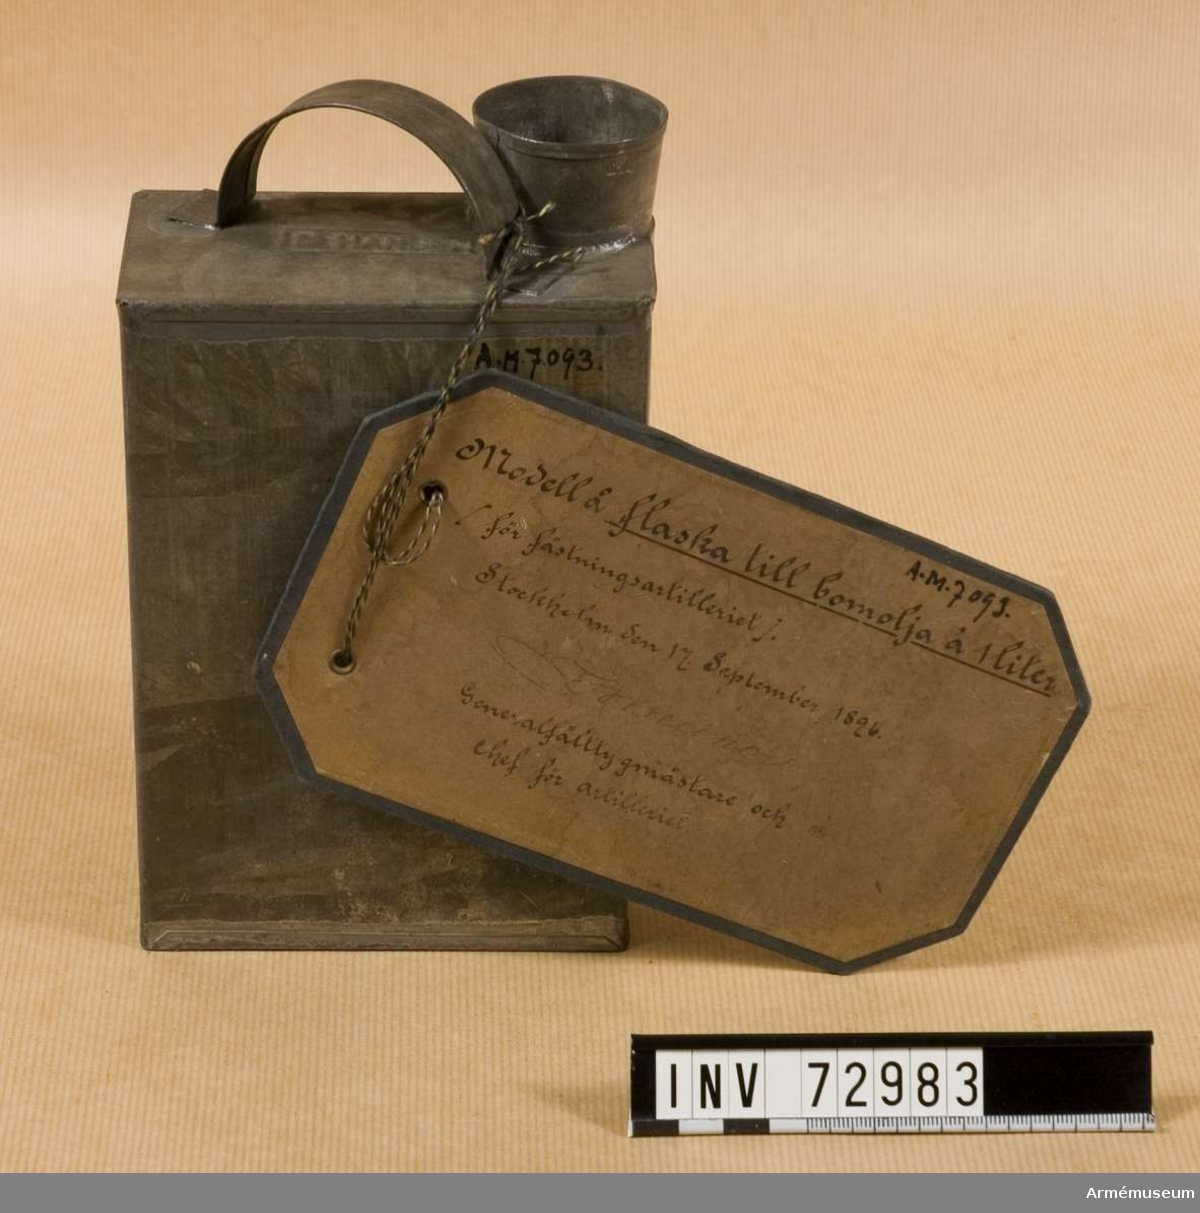 """Grupp F.III. """"Modell å flaska till bomolja å 1 liter.  (fästningsartilleriet) Stockholm den 17 September 1896. (namnteckning) Generalfälttygmästare och chef för artilleriet"""""""